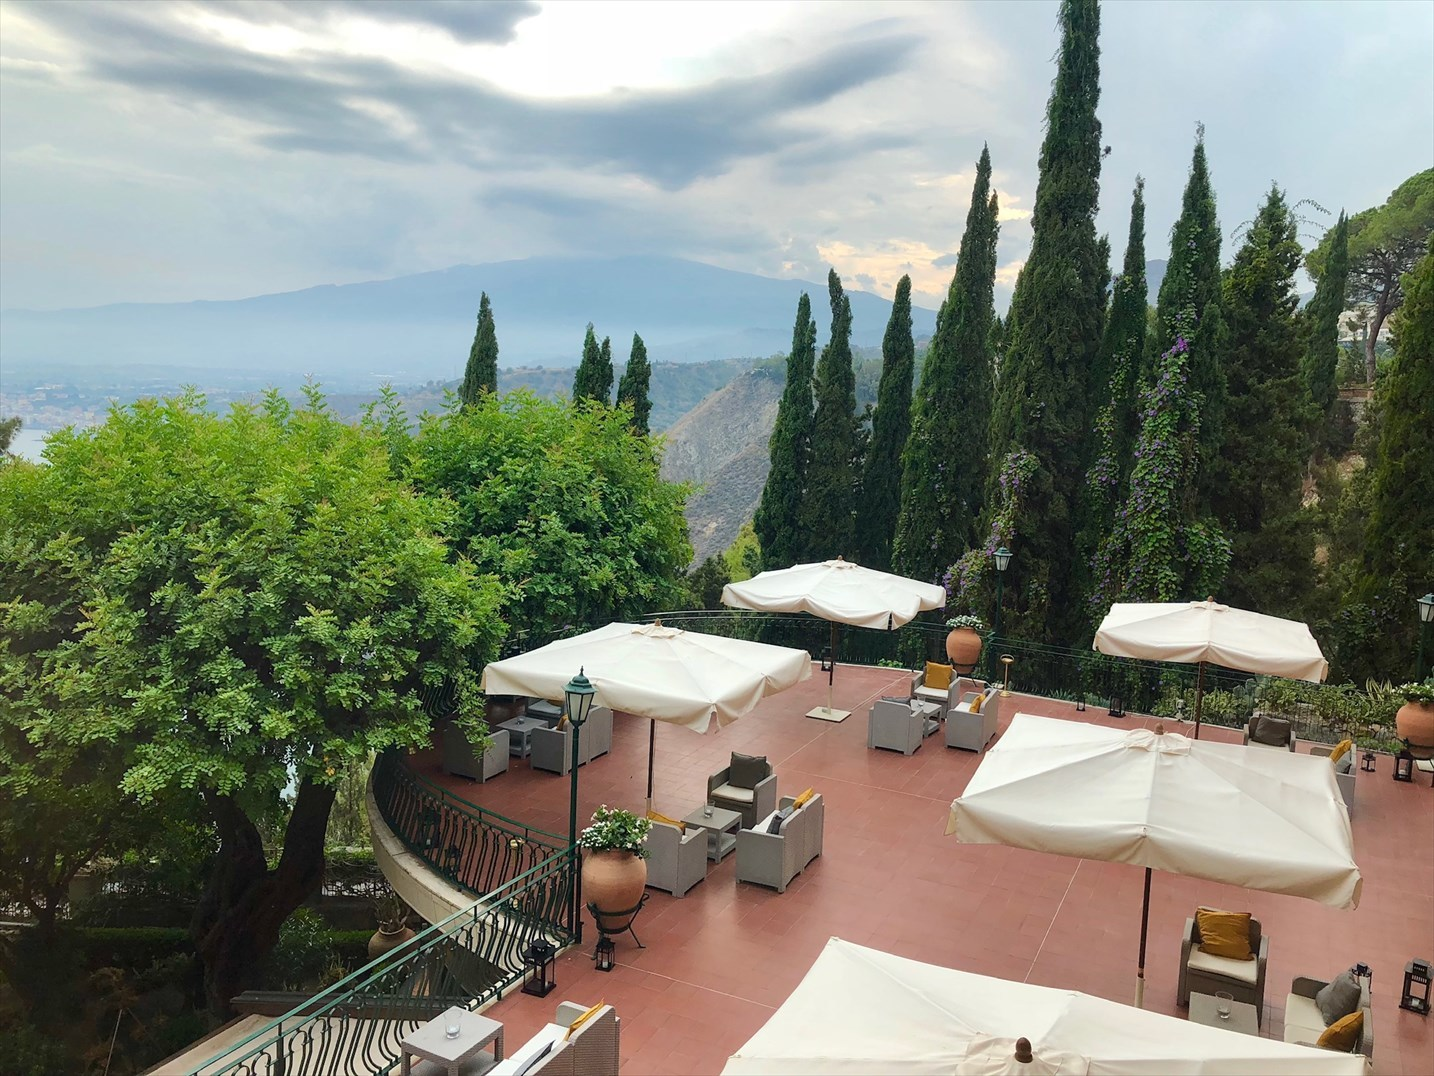 シチリア/41 タオルミーナのホテル Villa Diodoro_a0092659_18131261.jpg